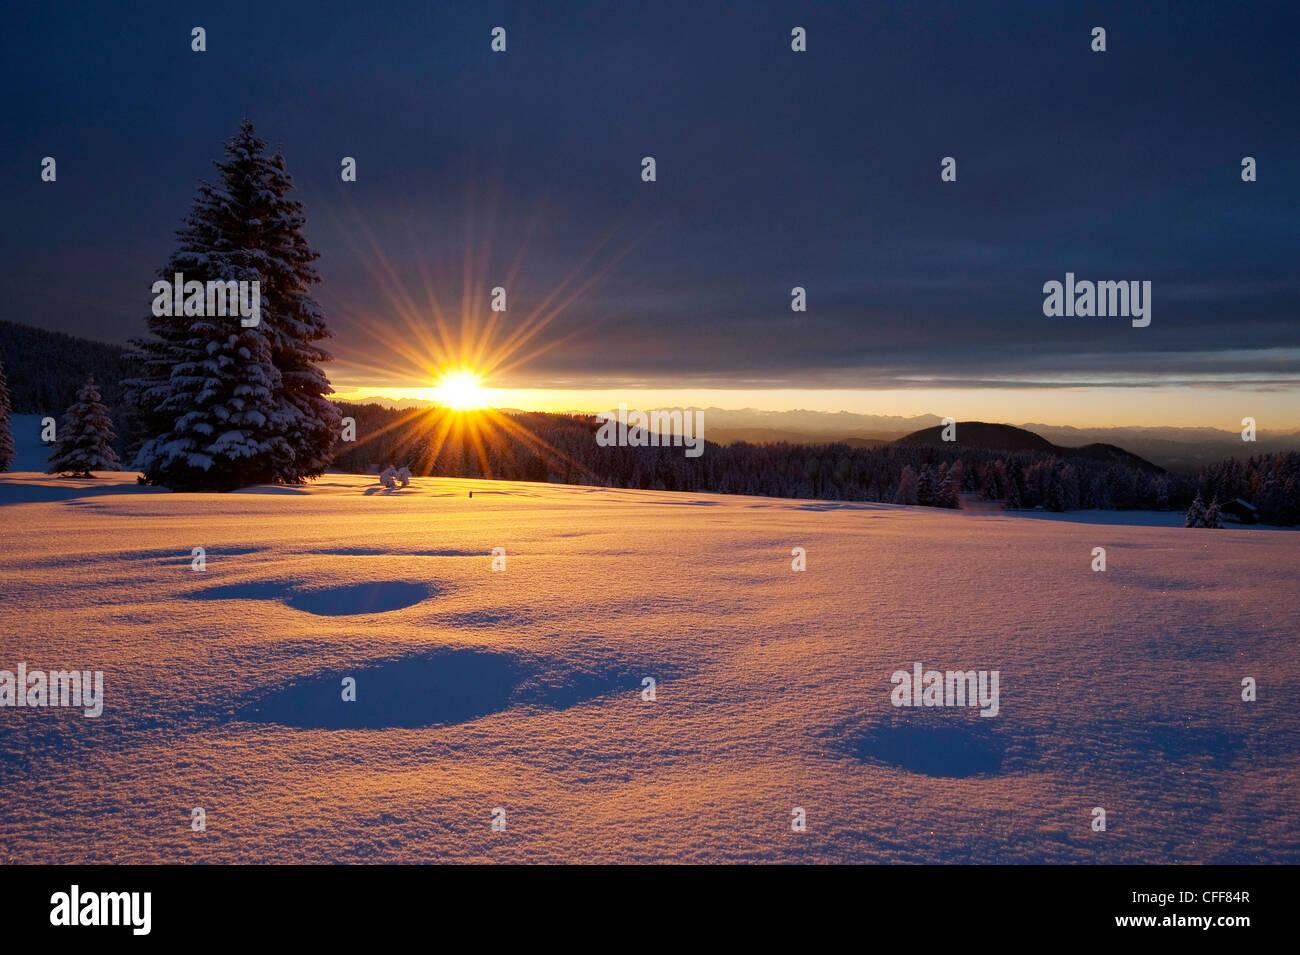 Paesaggio invernale al tramonto parco naturale dello